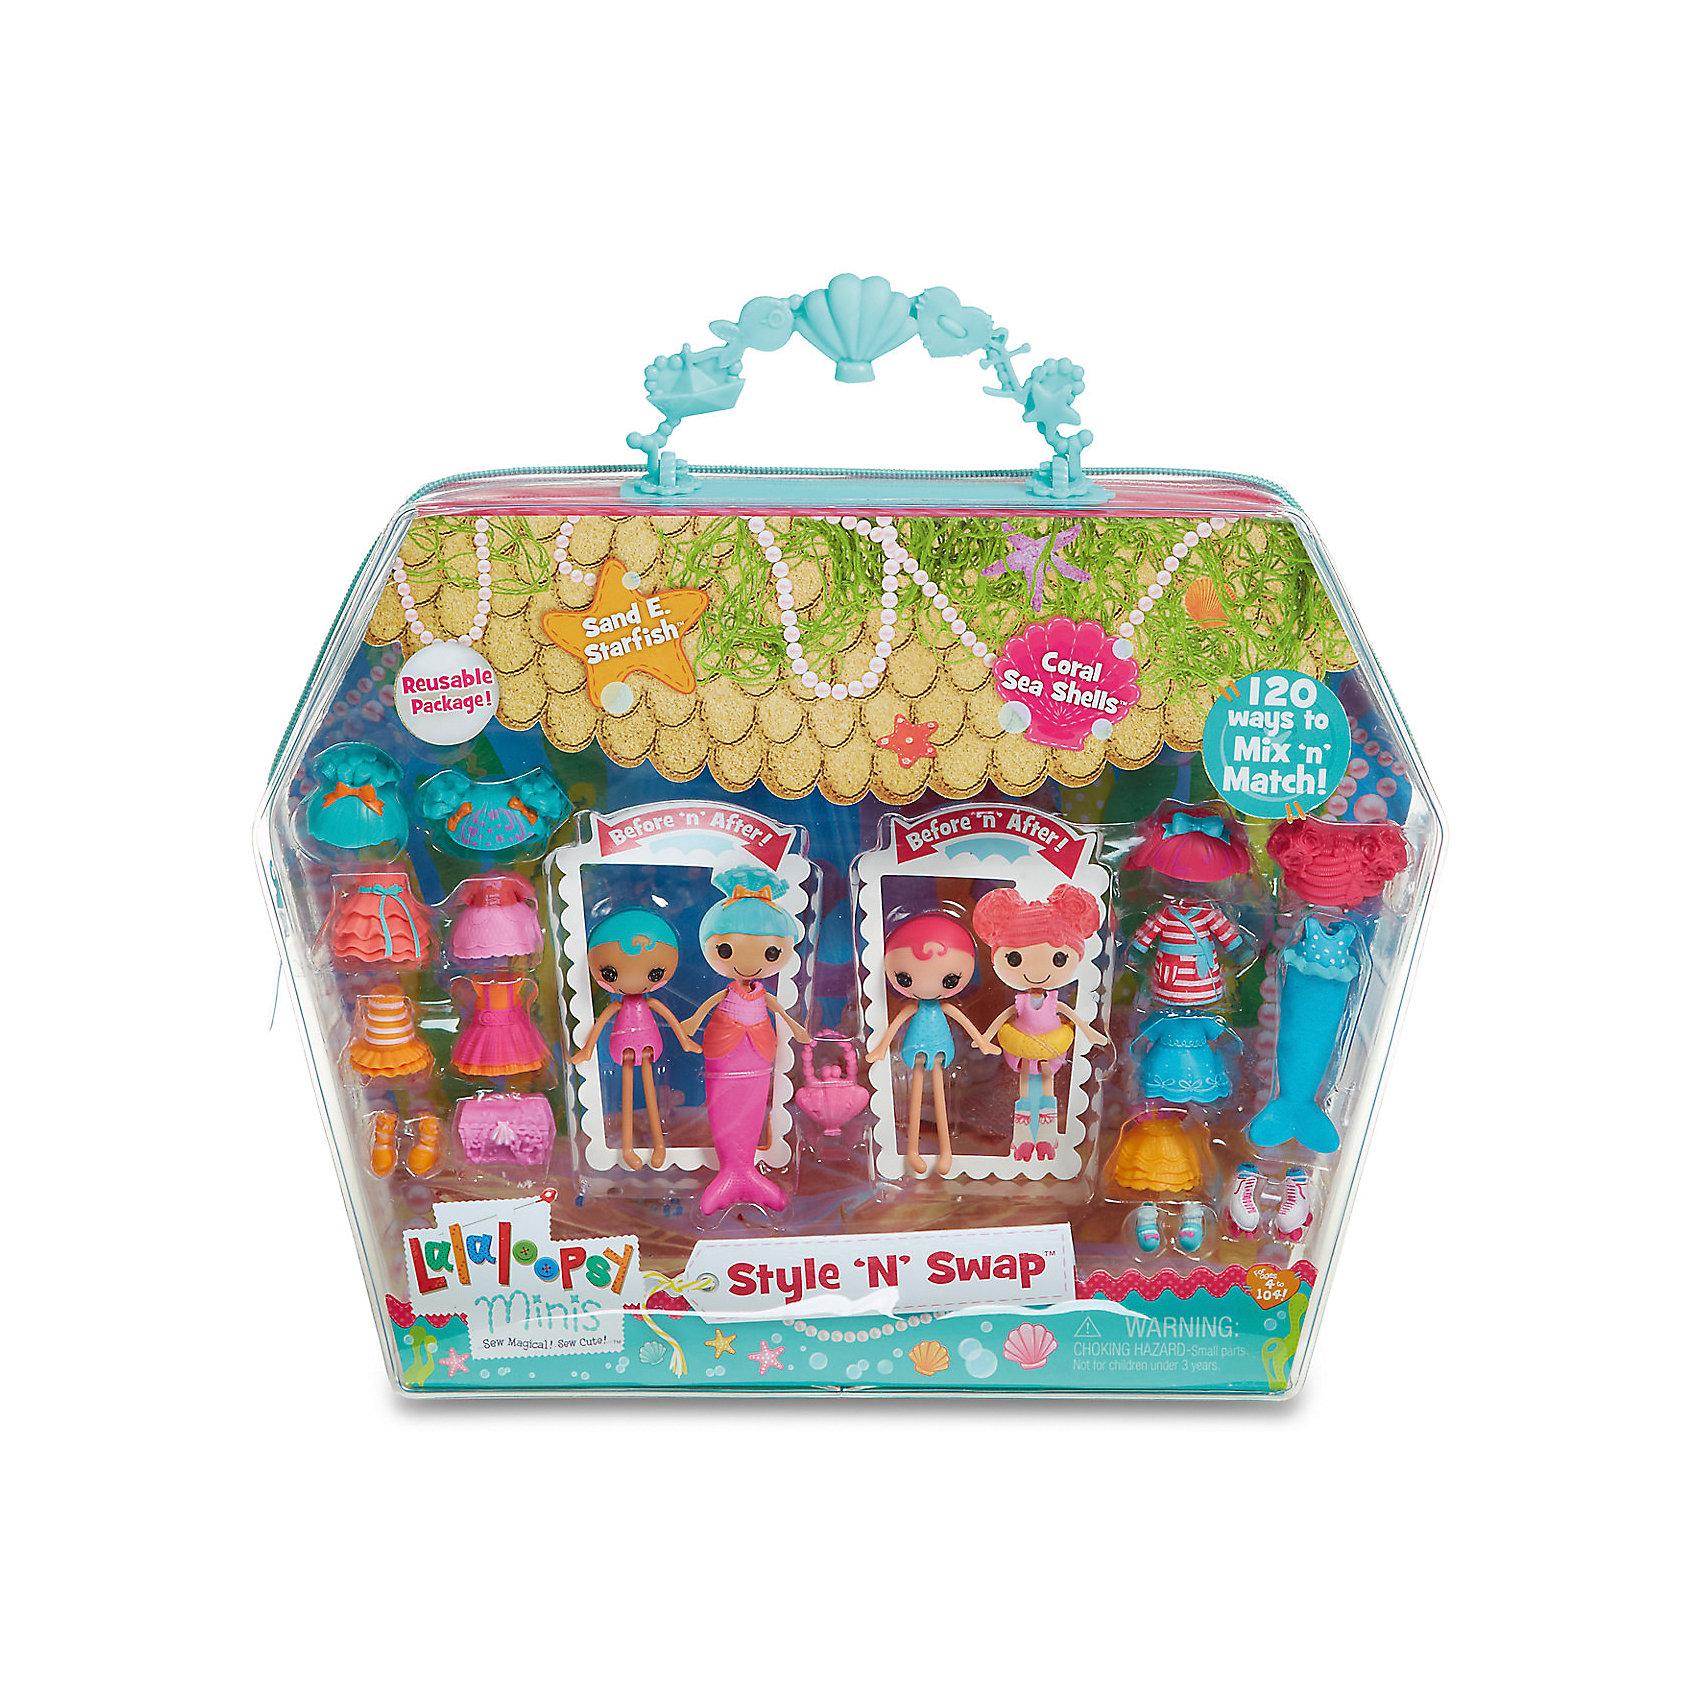 Игровой набор Мини-Лалалупси, Старфиш, с двумя куклами и аксессуарамиПопулярные игрушки<br>Характеристики товара:<br><br>- цвет: разноцветный;<br>- материал: пластик;<br>- подвижные части тела;<br>- комплектация: 2 куклы, аксессуары;<br>- размер упаковки: 5 x 33 x 25 см.<br><br>Эти симпатичные куклы Мини-Лалалупси от известного бренда не оставят девочку равнодушной! Какая девочка сможет отказаться поиграть с куклами, которых можно переодевать и менять им прически благодаря набору аксессуаров?! В комплект входят наряды, обувь и парики - всего 20 предметов. Игрушка очень качественно выполнена, поэтому она станет замечательным подарком ребенку. <br>Продается набор в красивой удобной упаковке. Изделие произведено из высококачественного материала, безопасного для детей.<br><br>Игровой набор Мини-Лалалупси, Старфиш, с двумя куклами и аксессуарами, можно купить в нашем интернет-магазине.<br><br>Ширина мм: 330<br>Глубина мм: 270<br>Высота мм: 50<br>Вес г: 373<br>Возраст от месяцев: 36<br>Возраст до месяцев: 2147483647<br>Пол: Женский<br>Возраст: Детский<br>SKU: 5094051